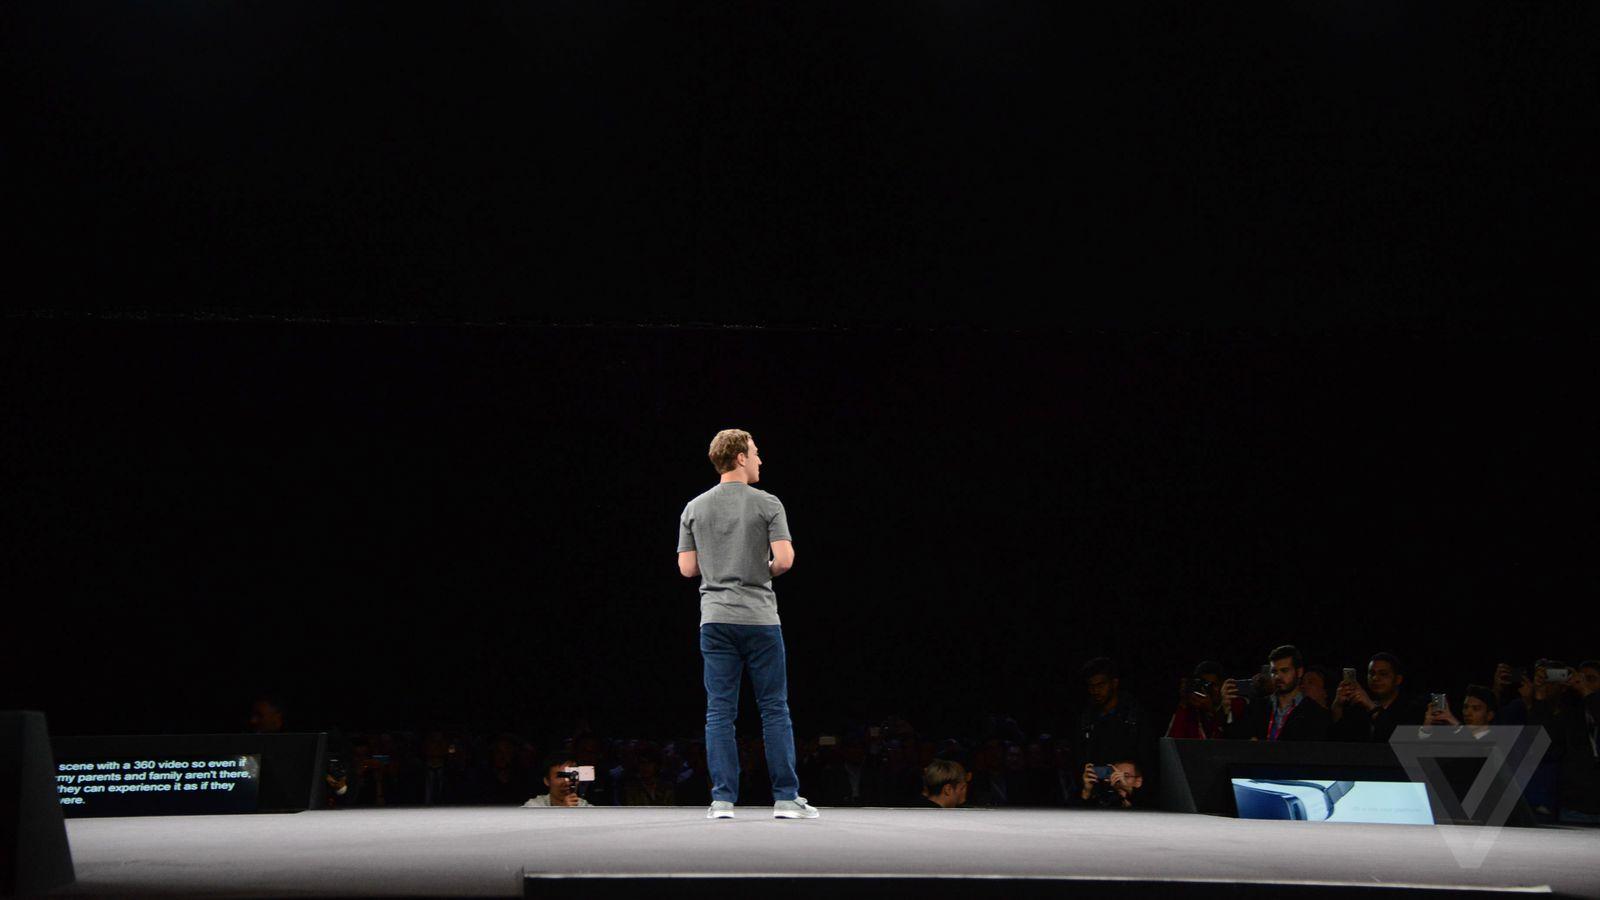 mark-zuckerberg-facebook-473.0.0